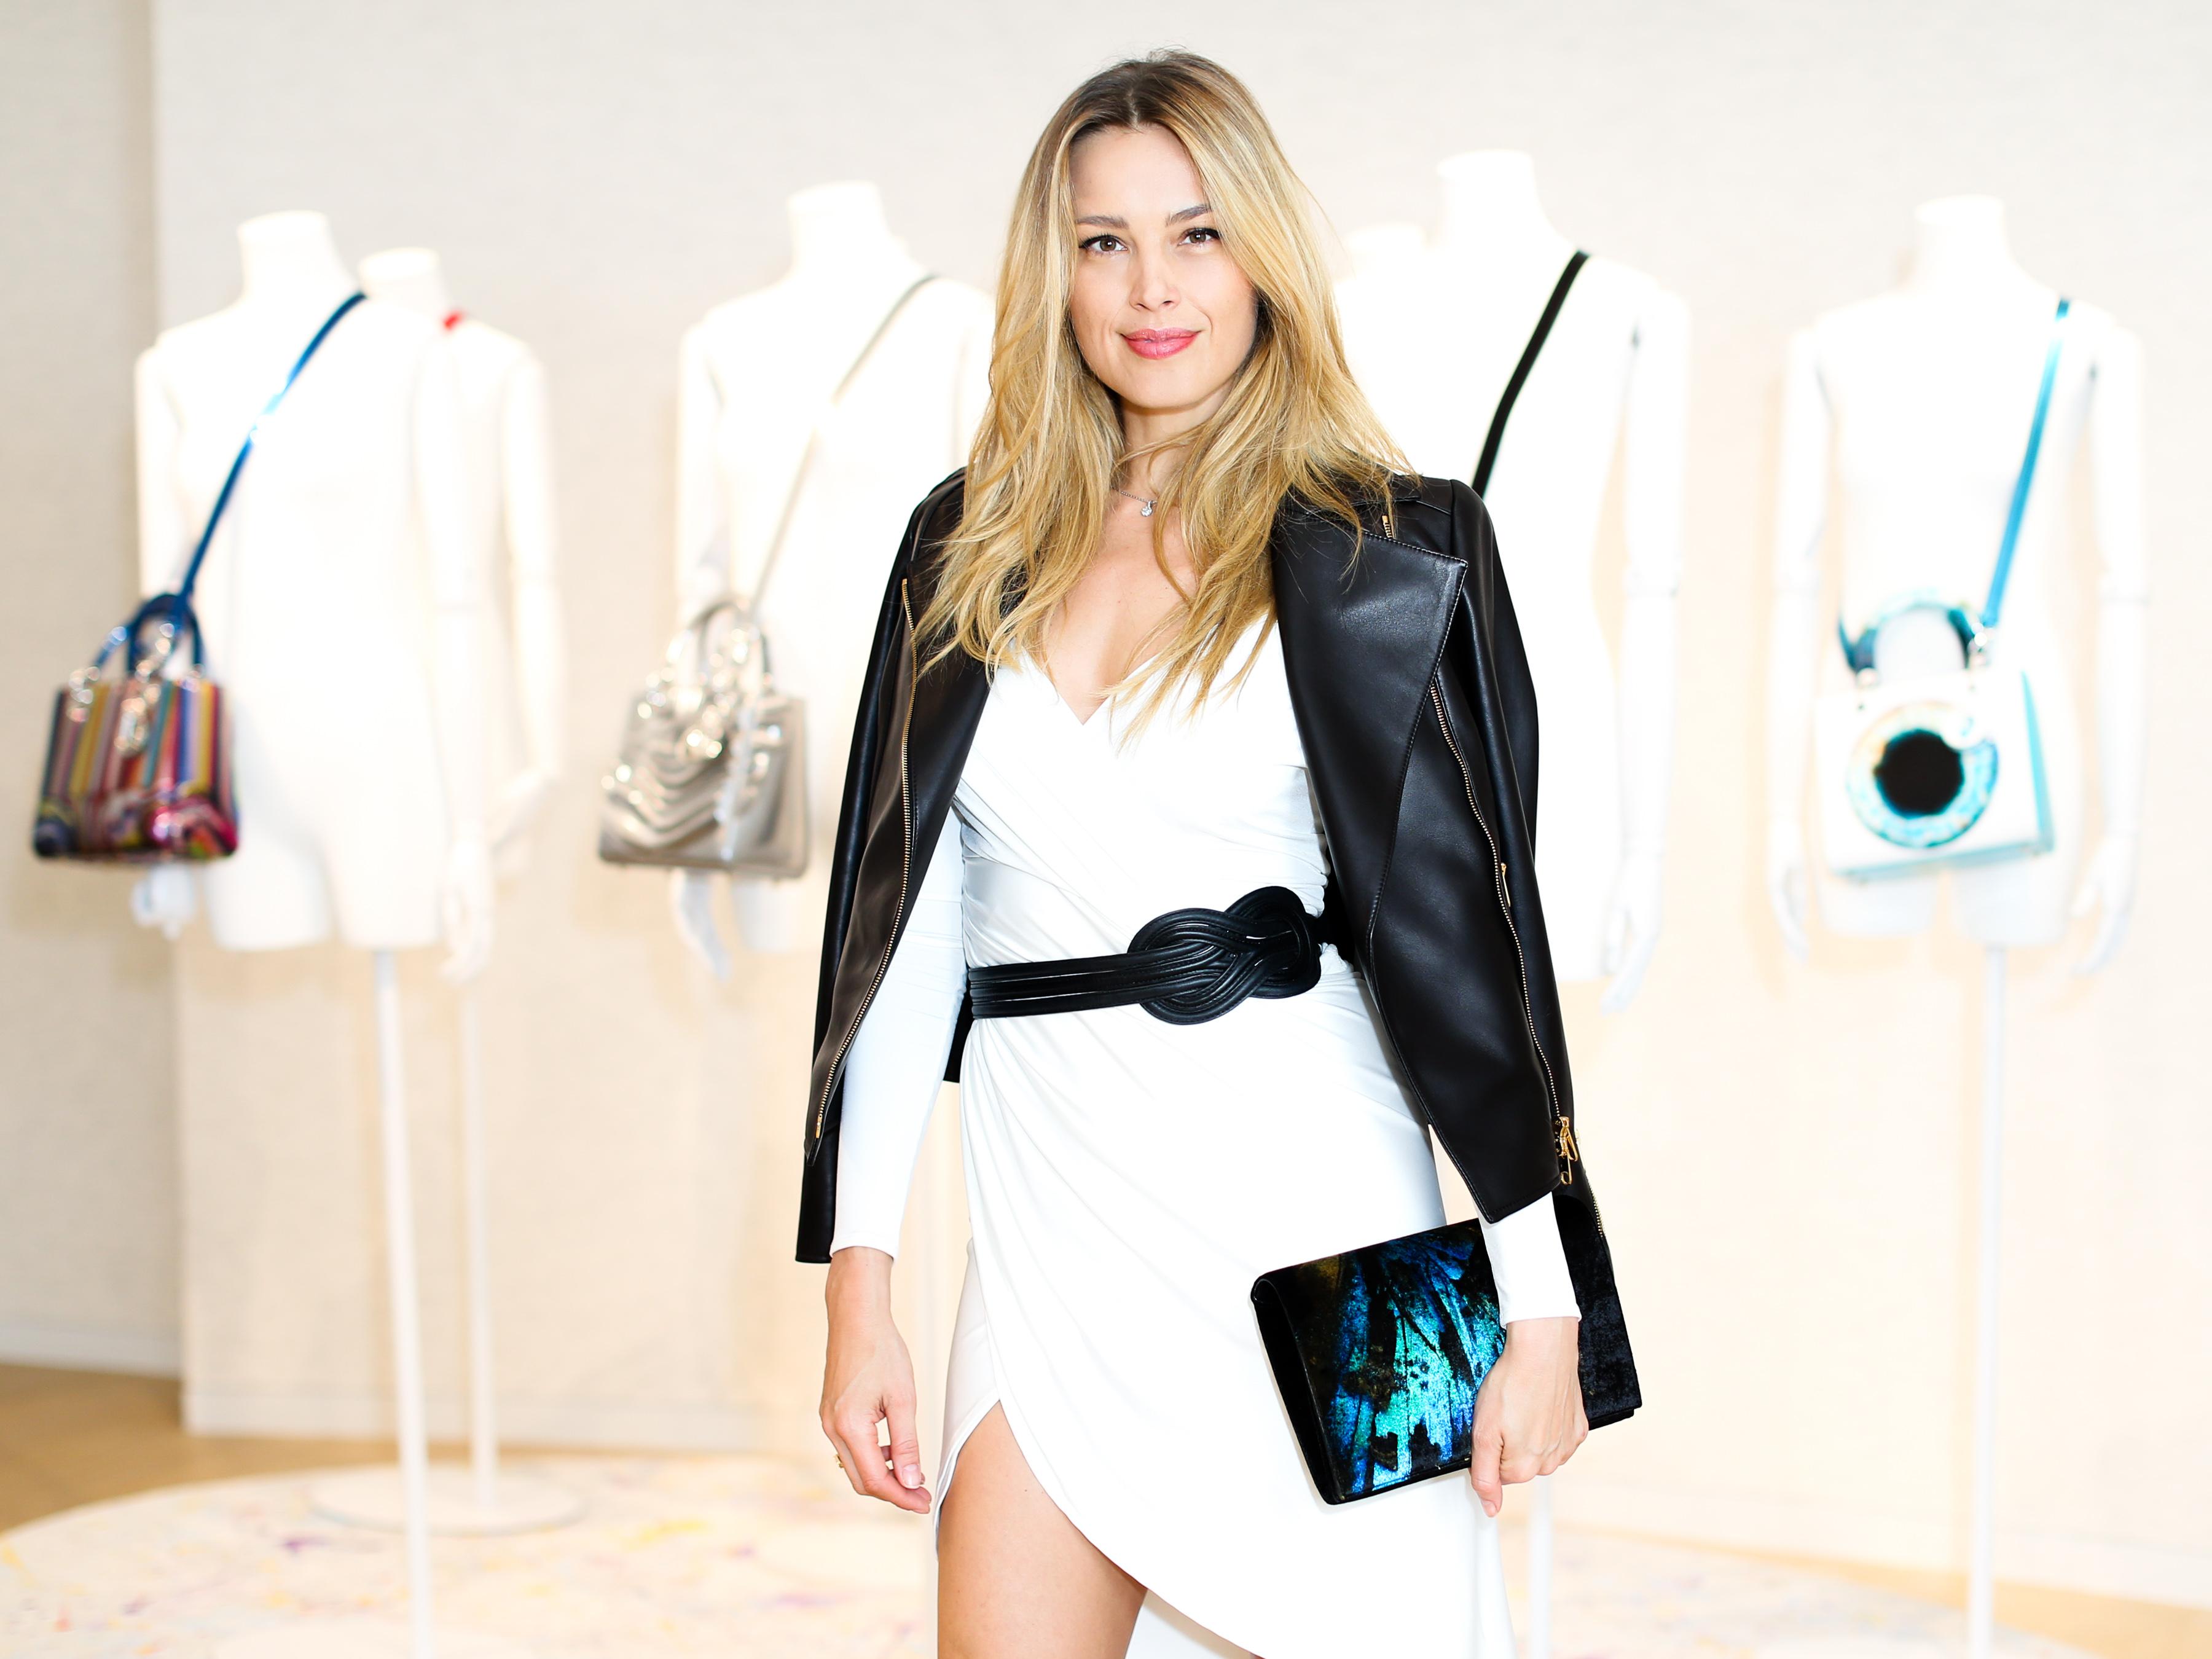 Dior Lady : Art Miami Launch Event